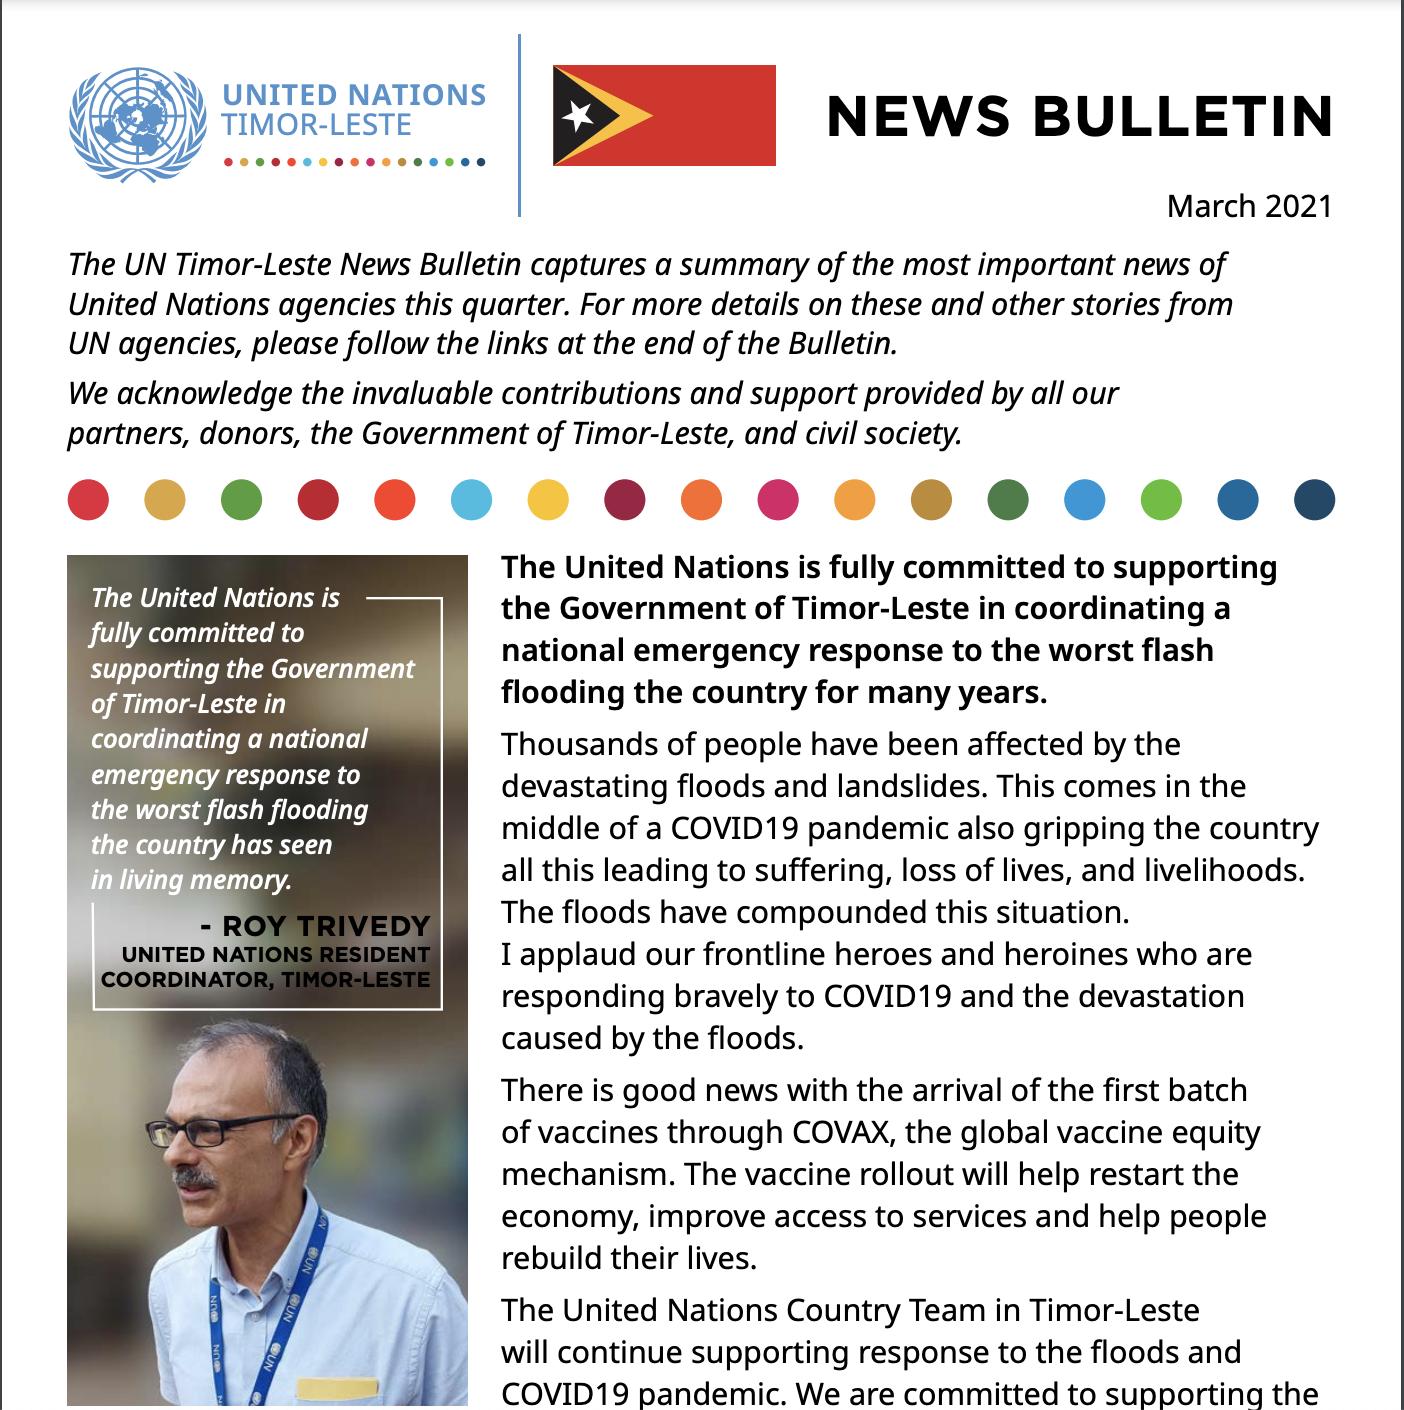 UN News Bulletin, March 2021 Edition